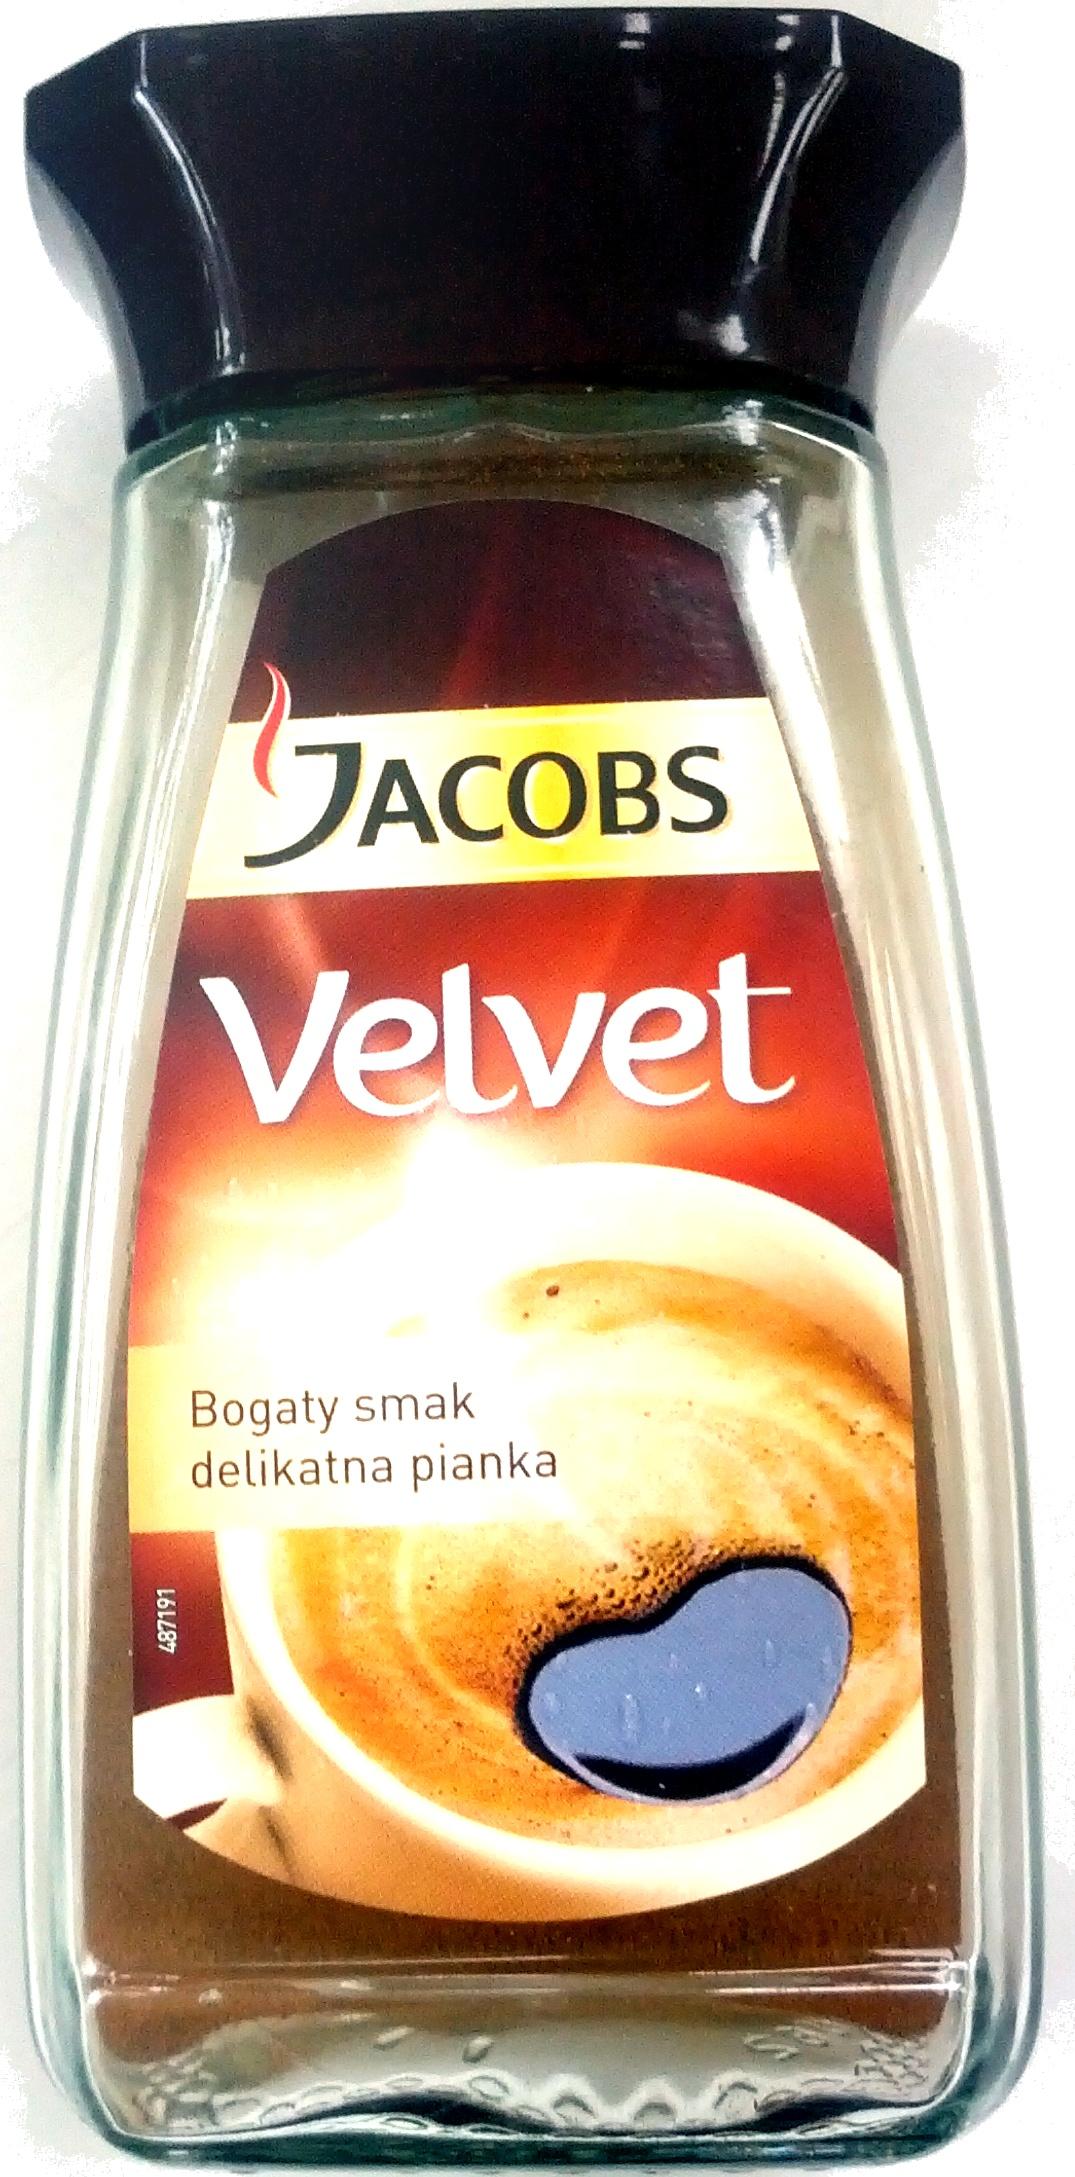 Jacobs Velvet - Product - pl